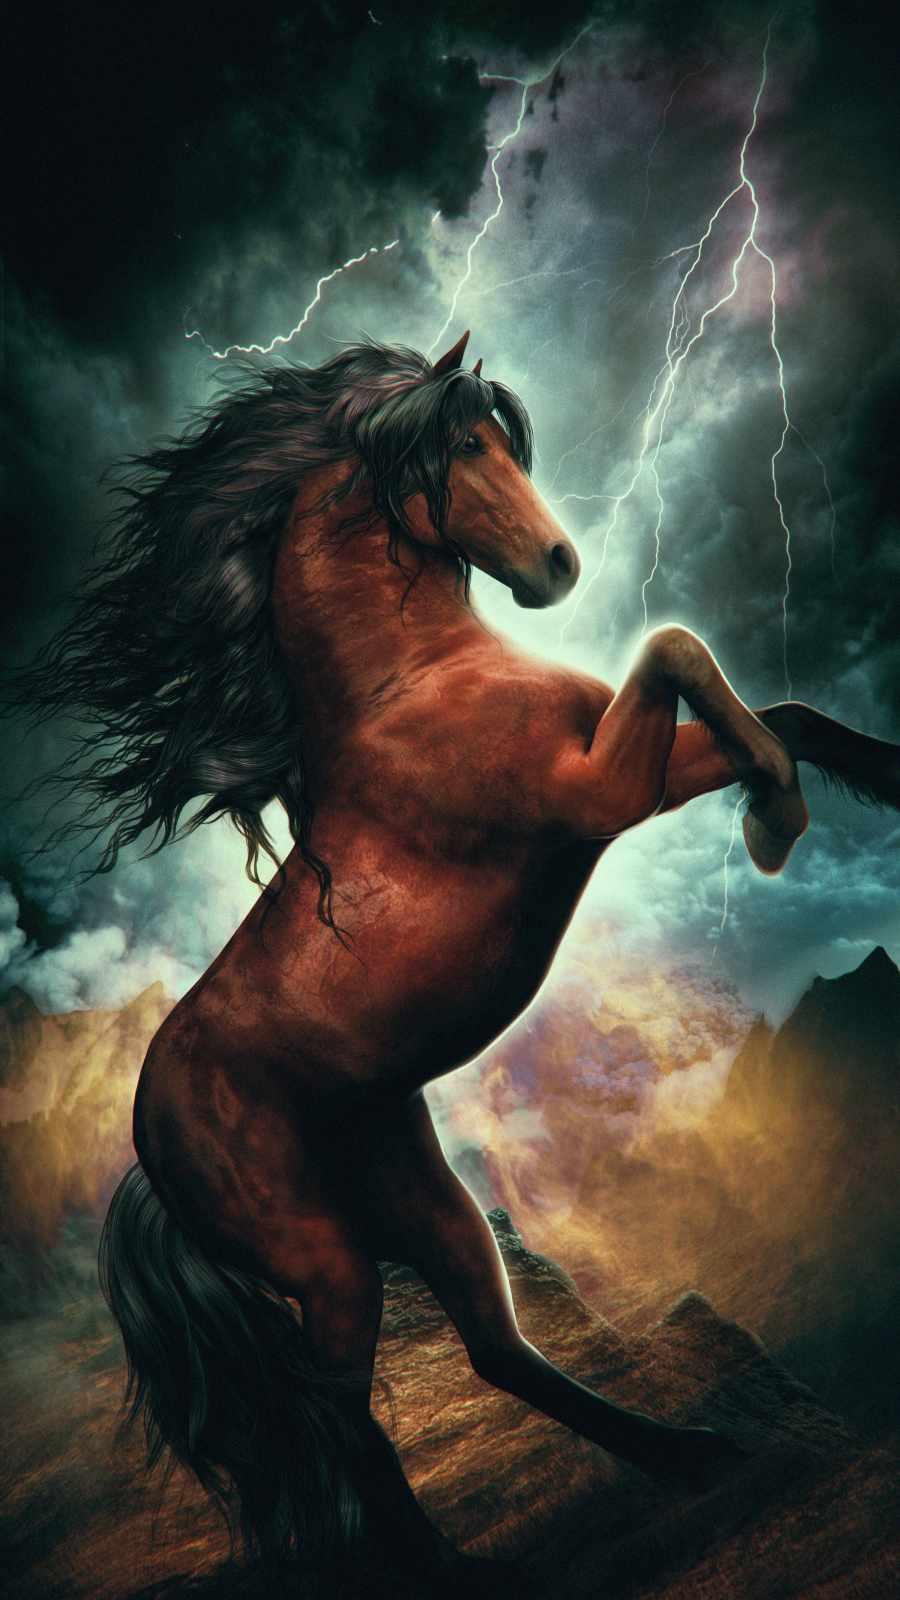 Mystic Horse iPhone Wallpaper